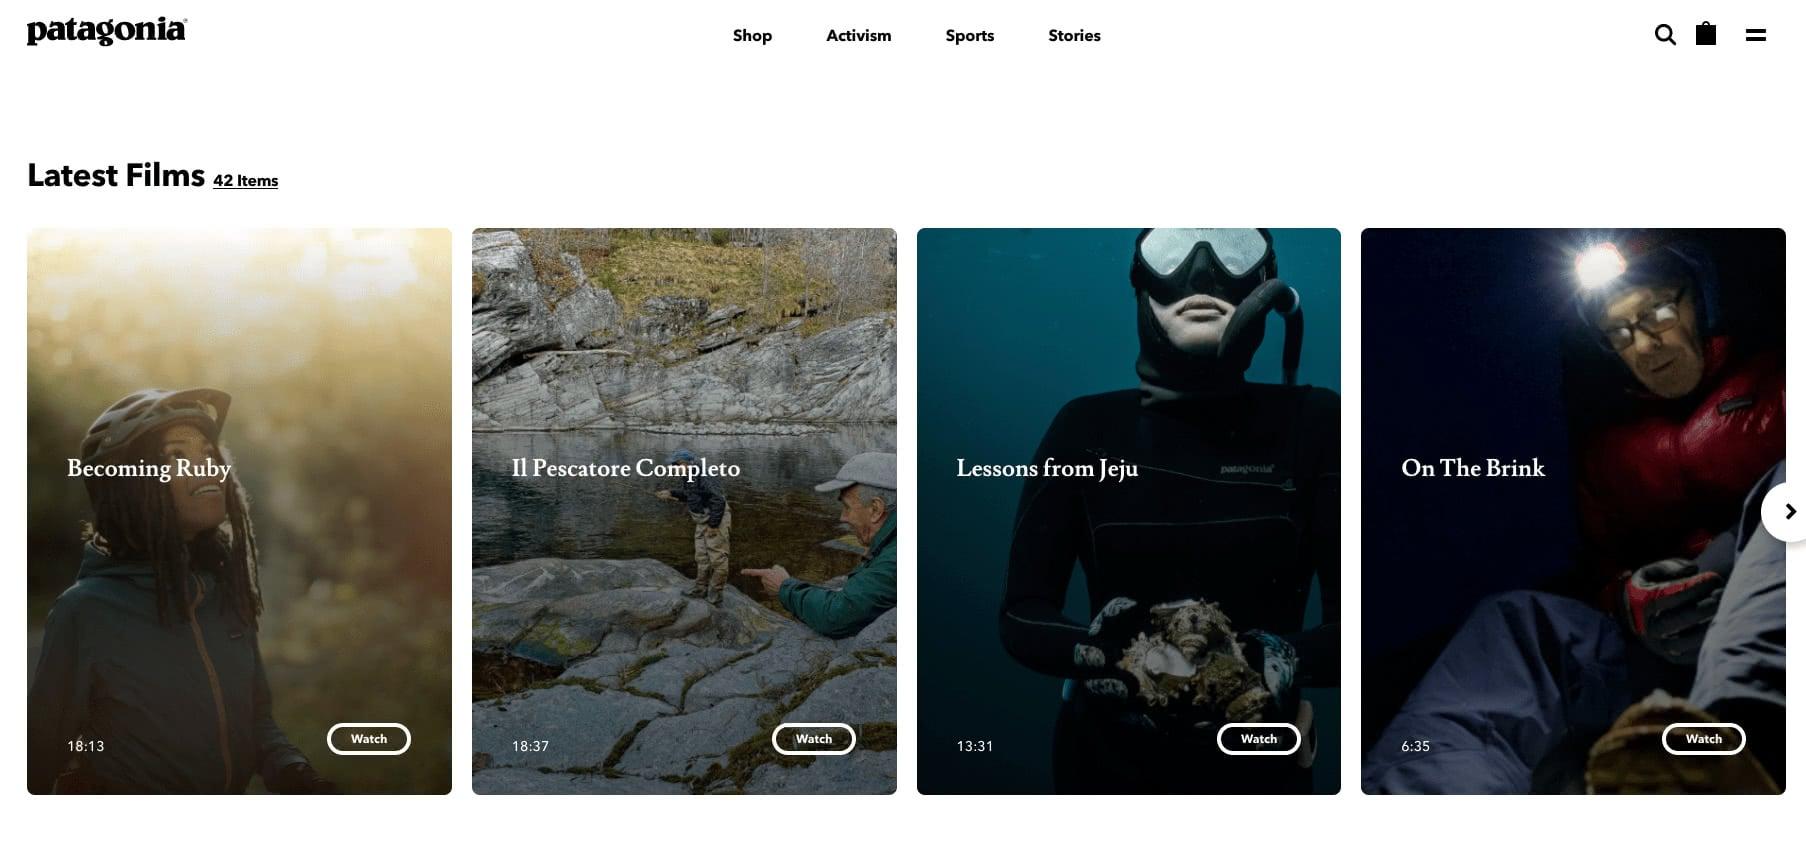 Patagonia stories website